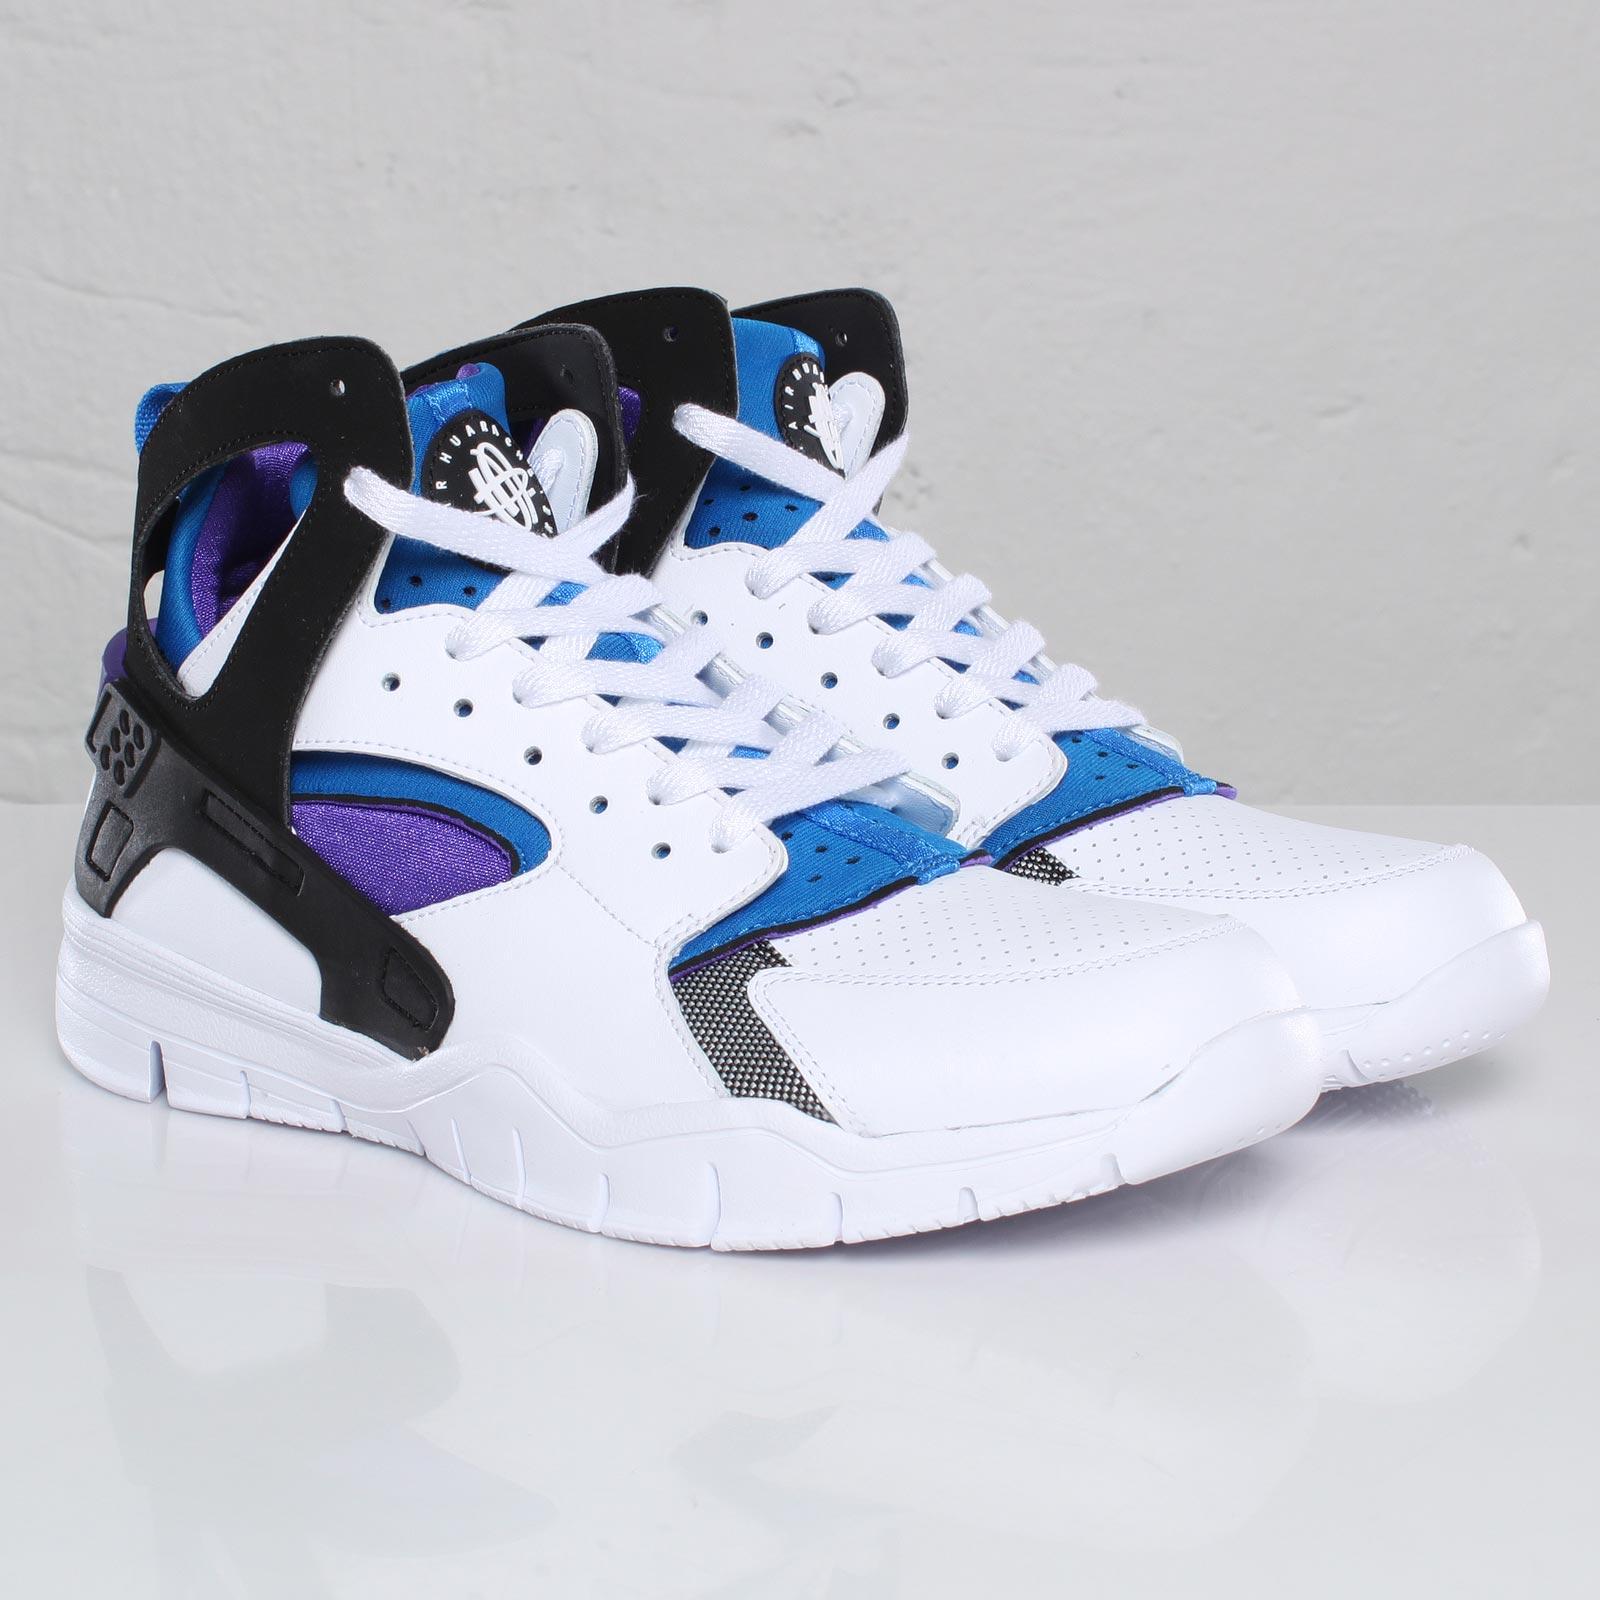 c75bc1dd0a54 Nike Air Huarache Bball 2012 QS - 102710 - Sneakersnstuff